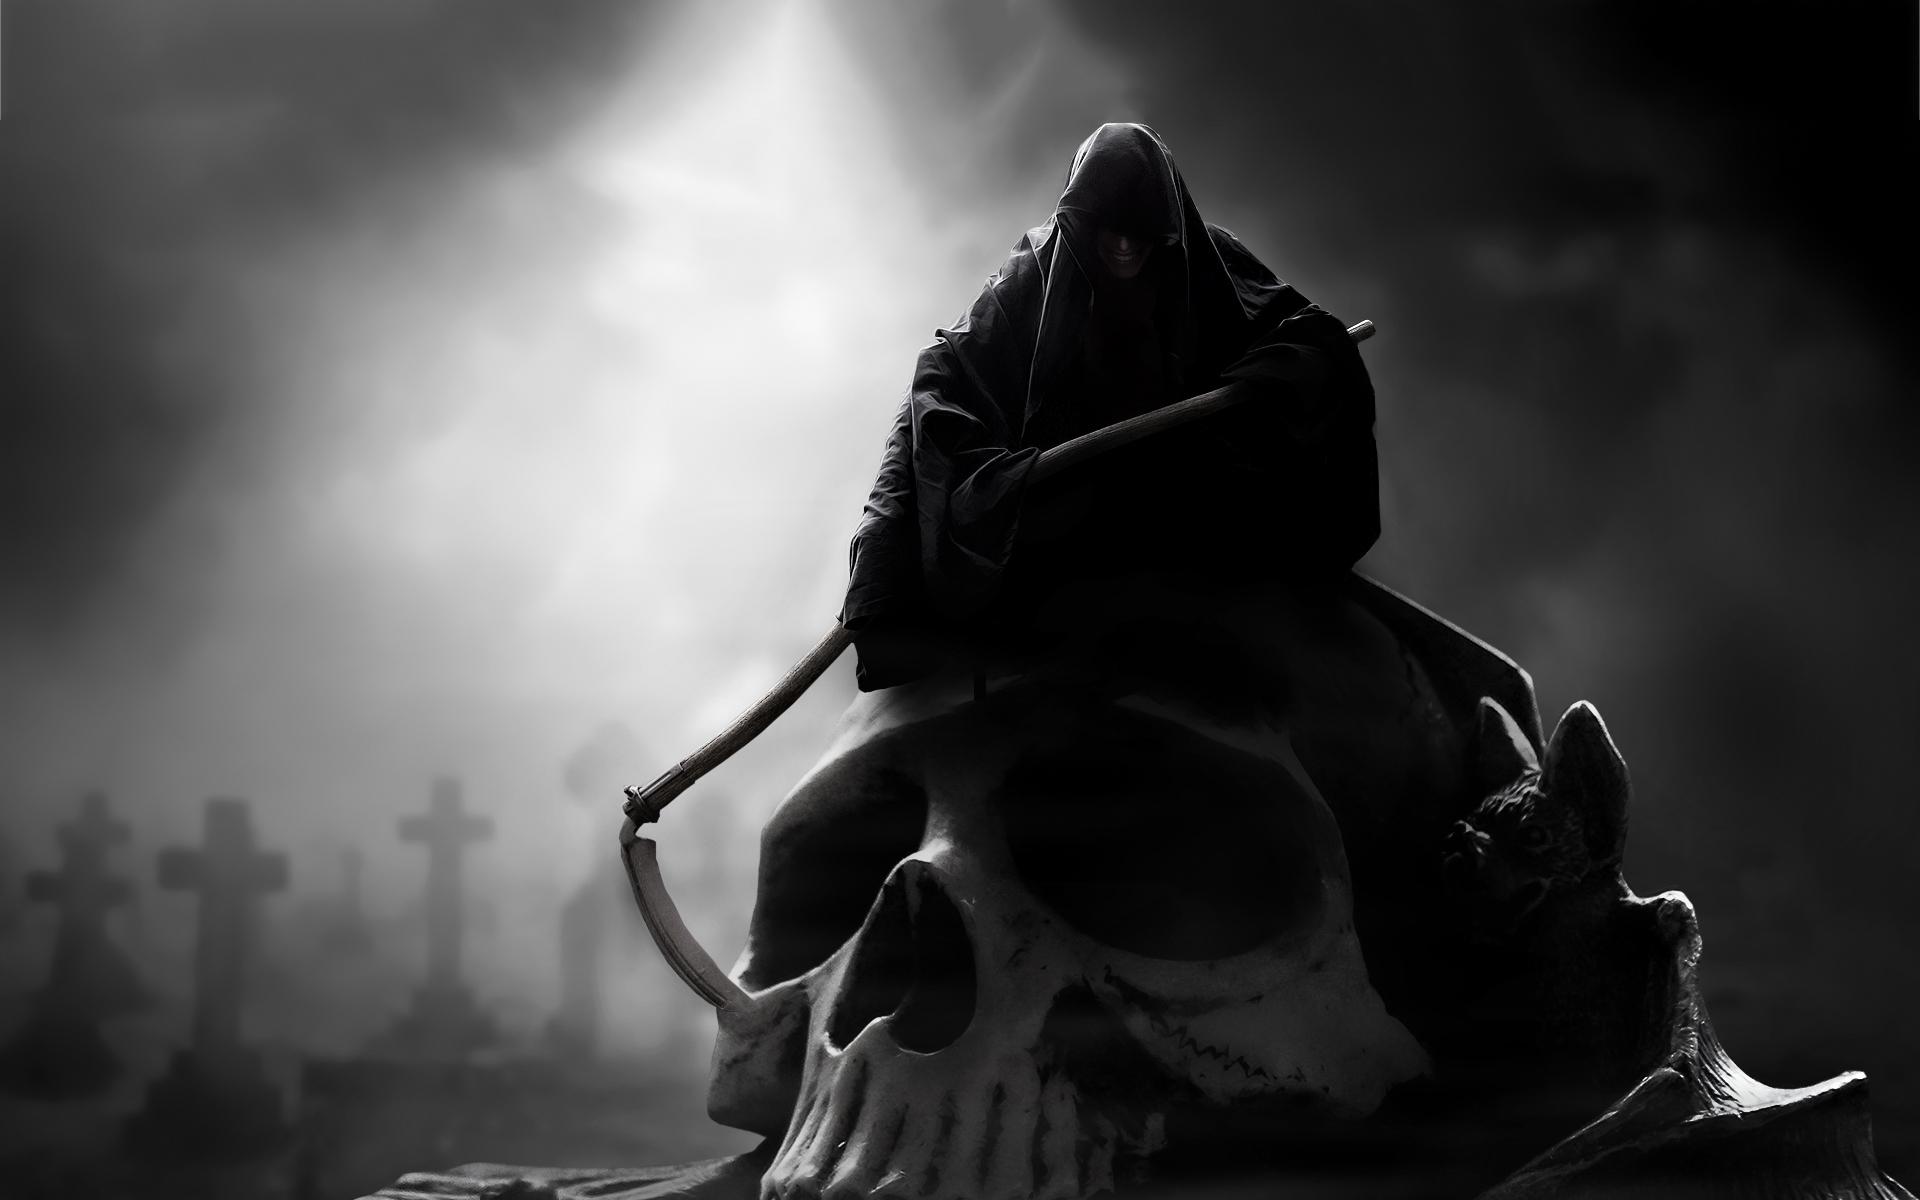 43+ Badass Grim Reaper Wallpaper on WallpaperSafari